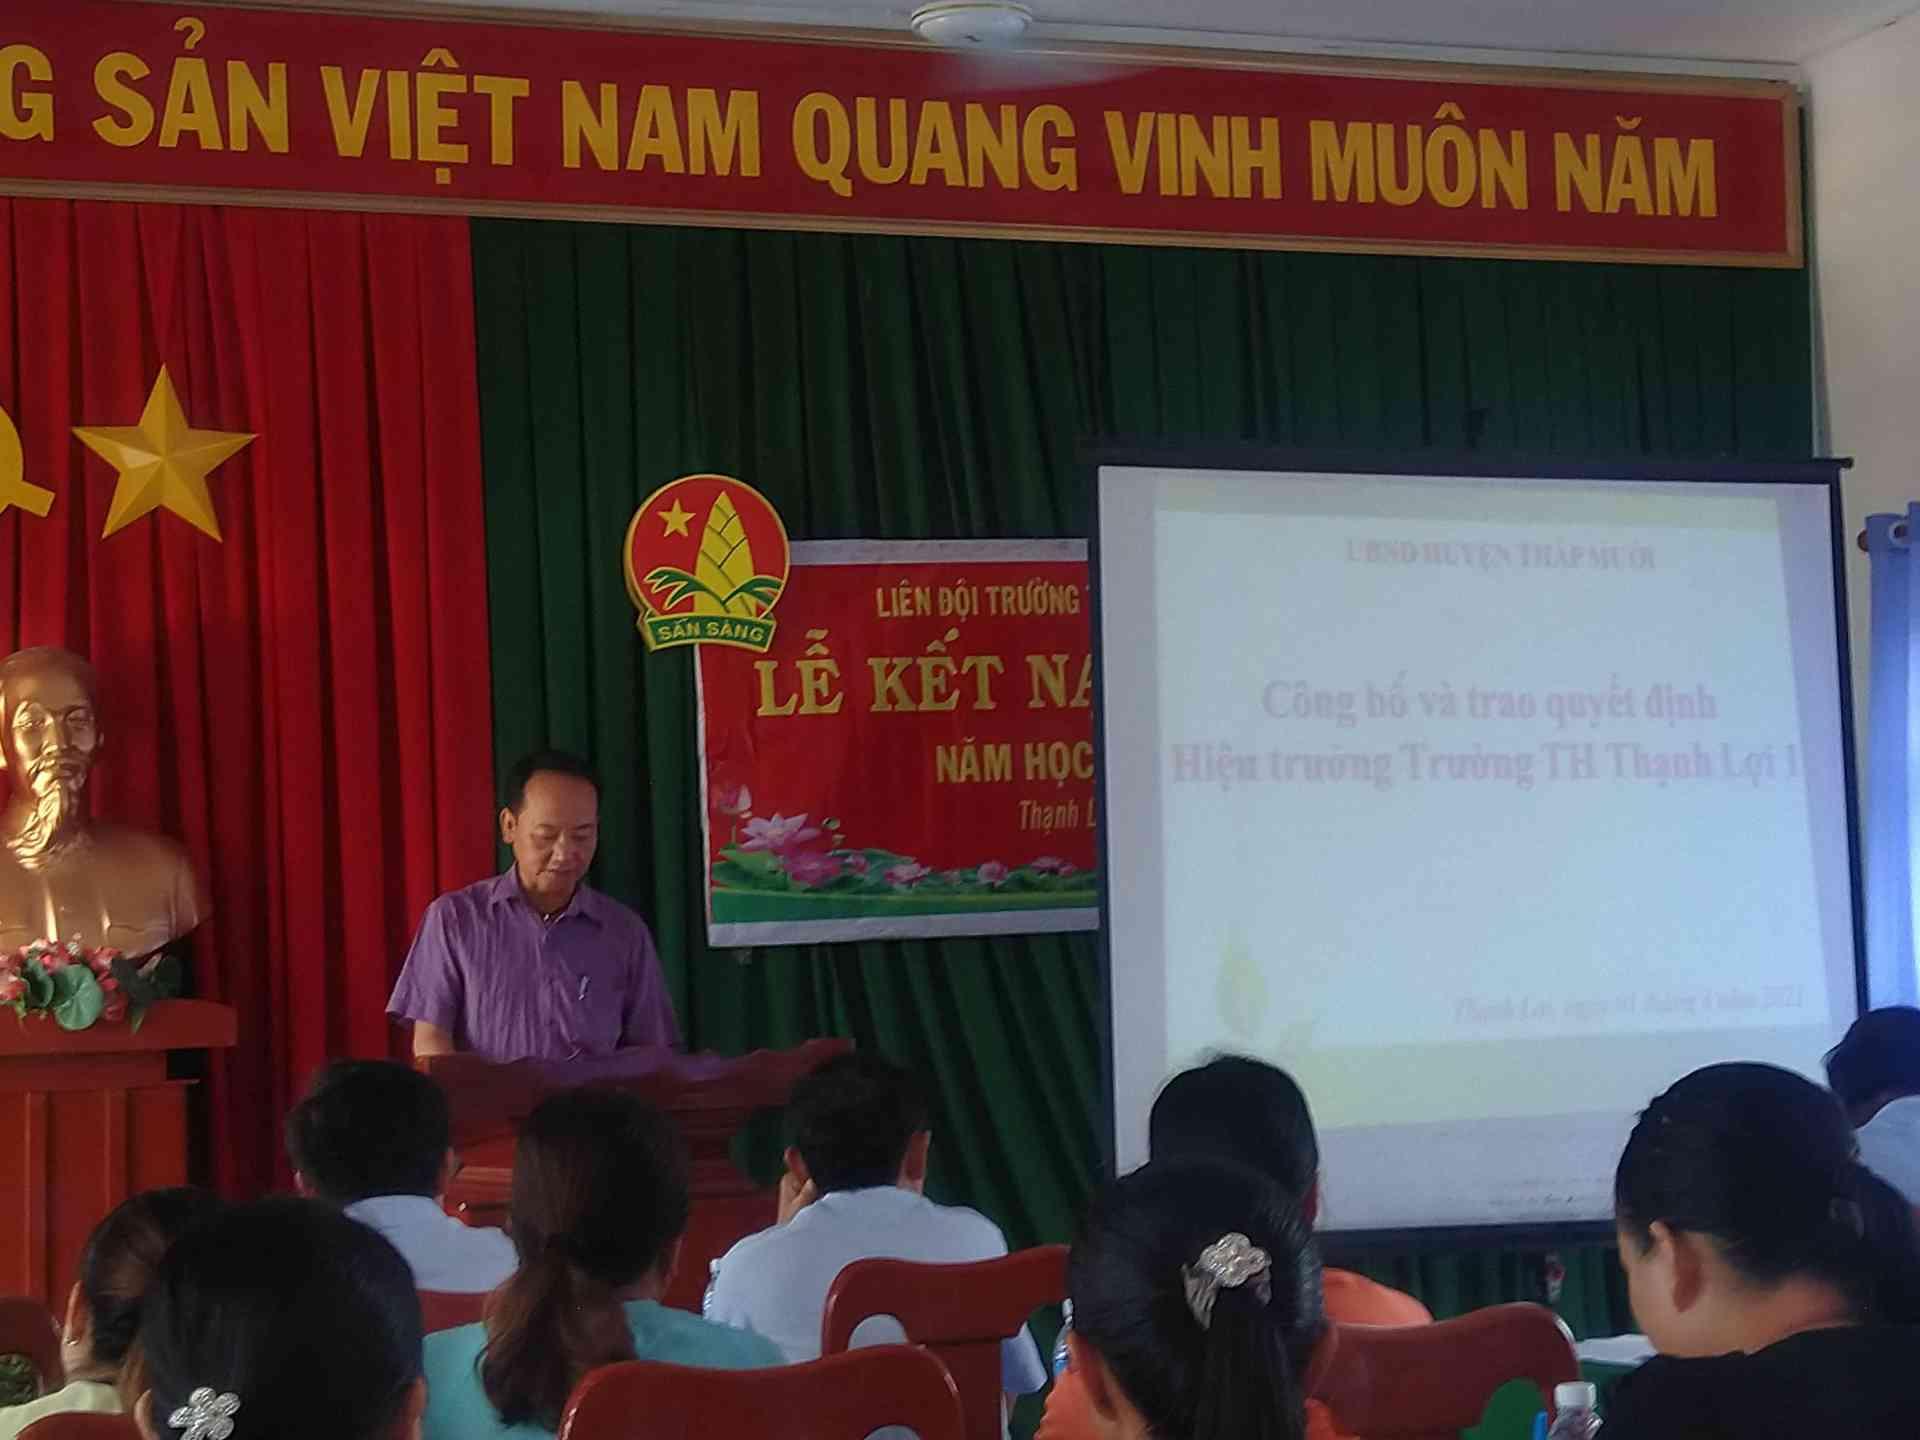 Thầy Nguyễn Thanh Truyền công bố quyết định hiệu trưởng trường Tiểu học Thạnh Lợi 1.